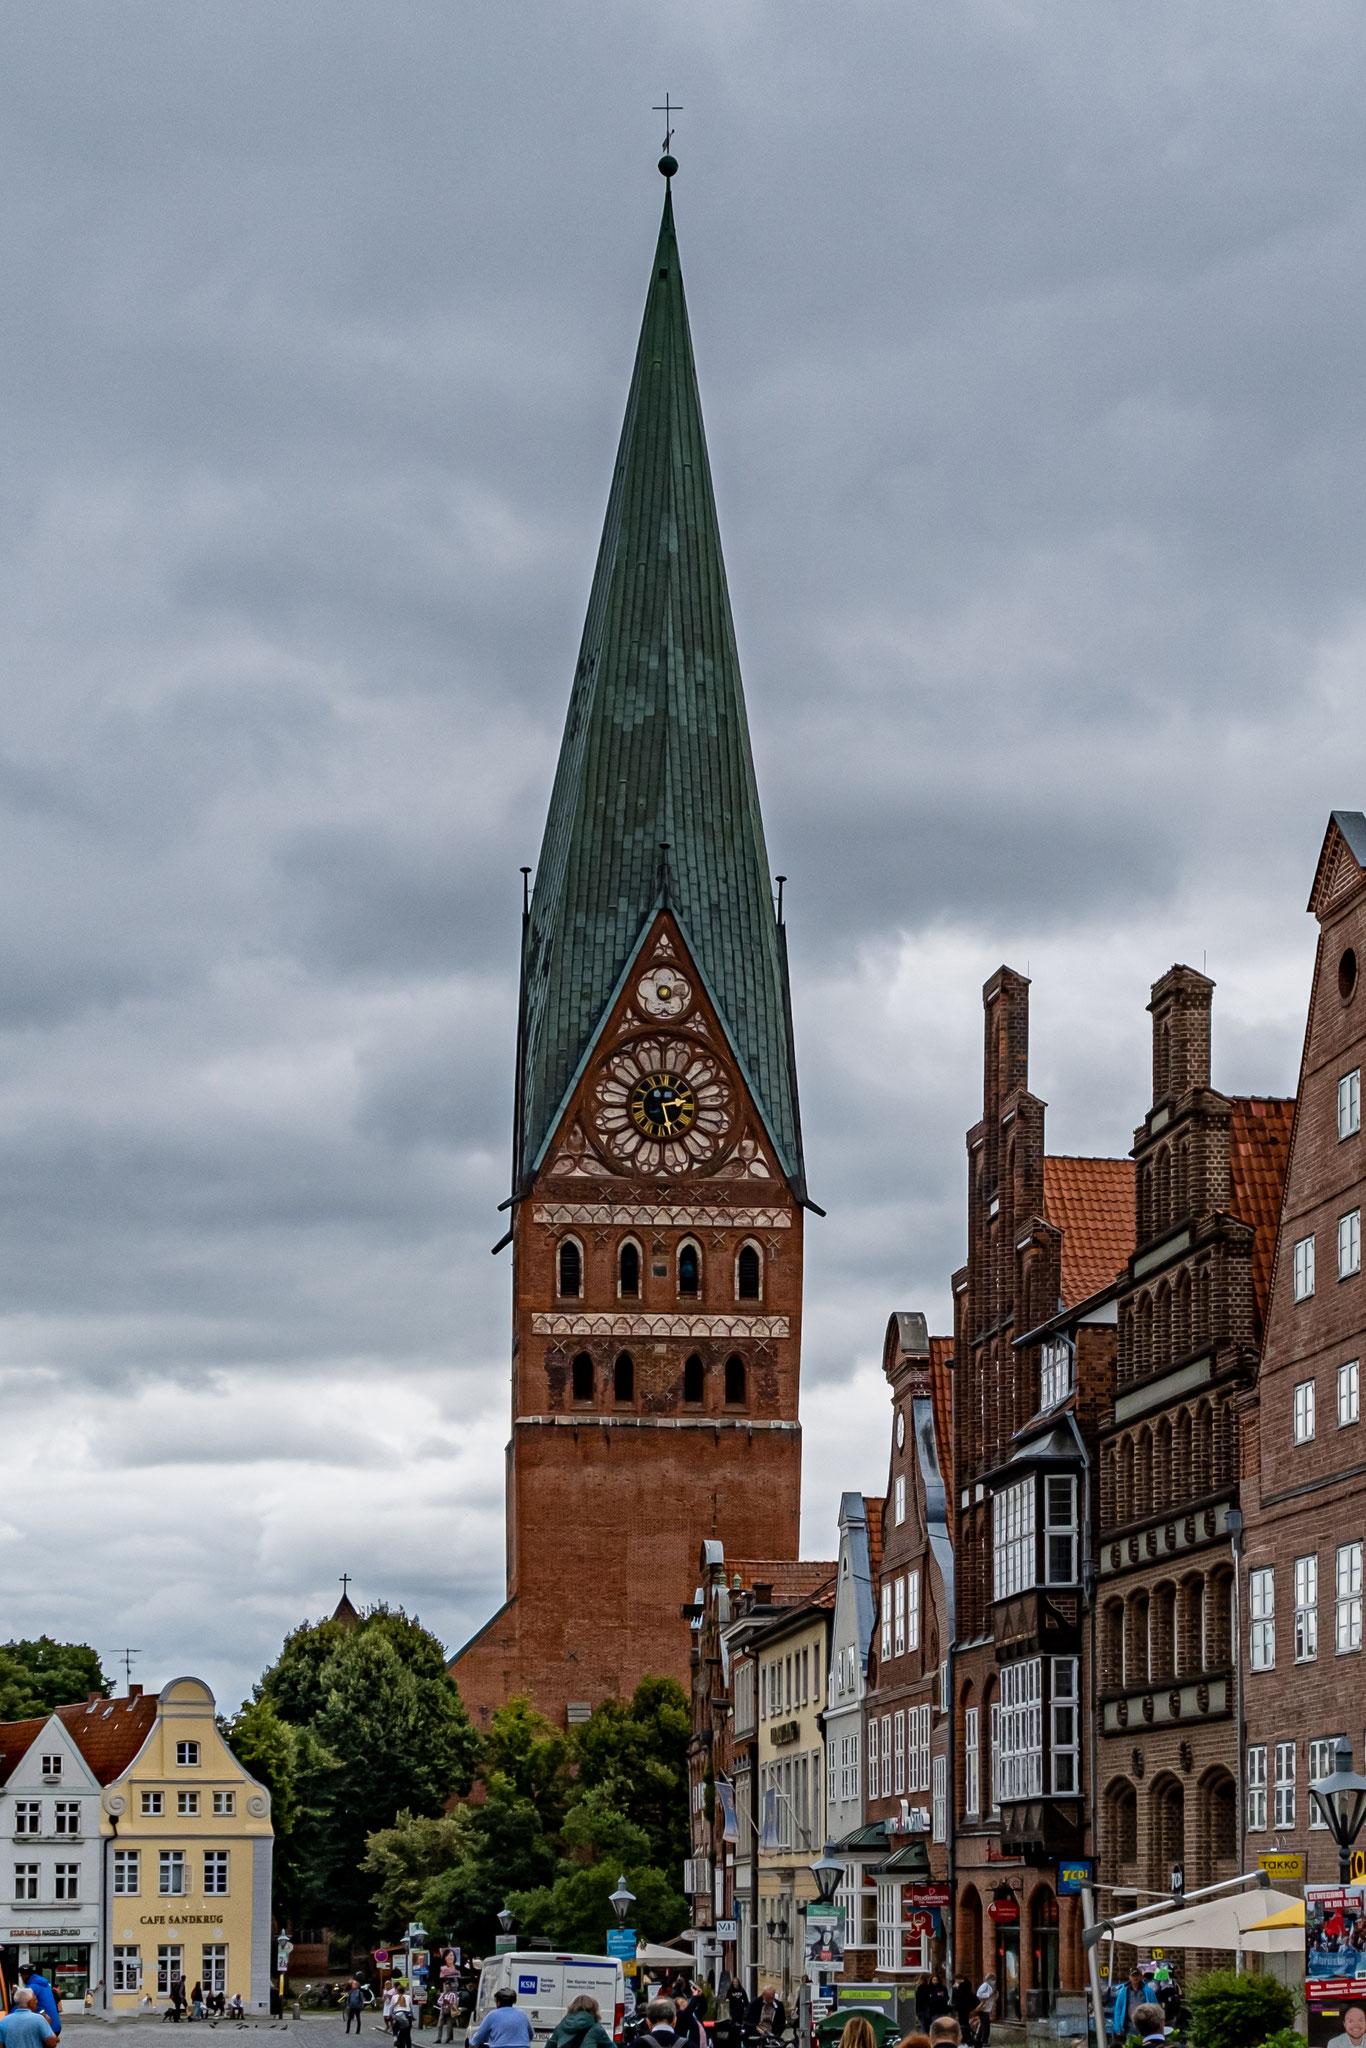 Evgl.-Luth. St. Johannis-Kirche zu Lüneburg - erbaut zwischen 1289 und 1470